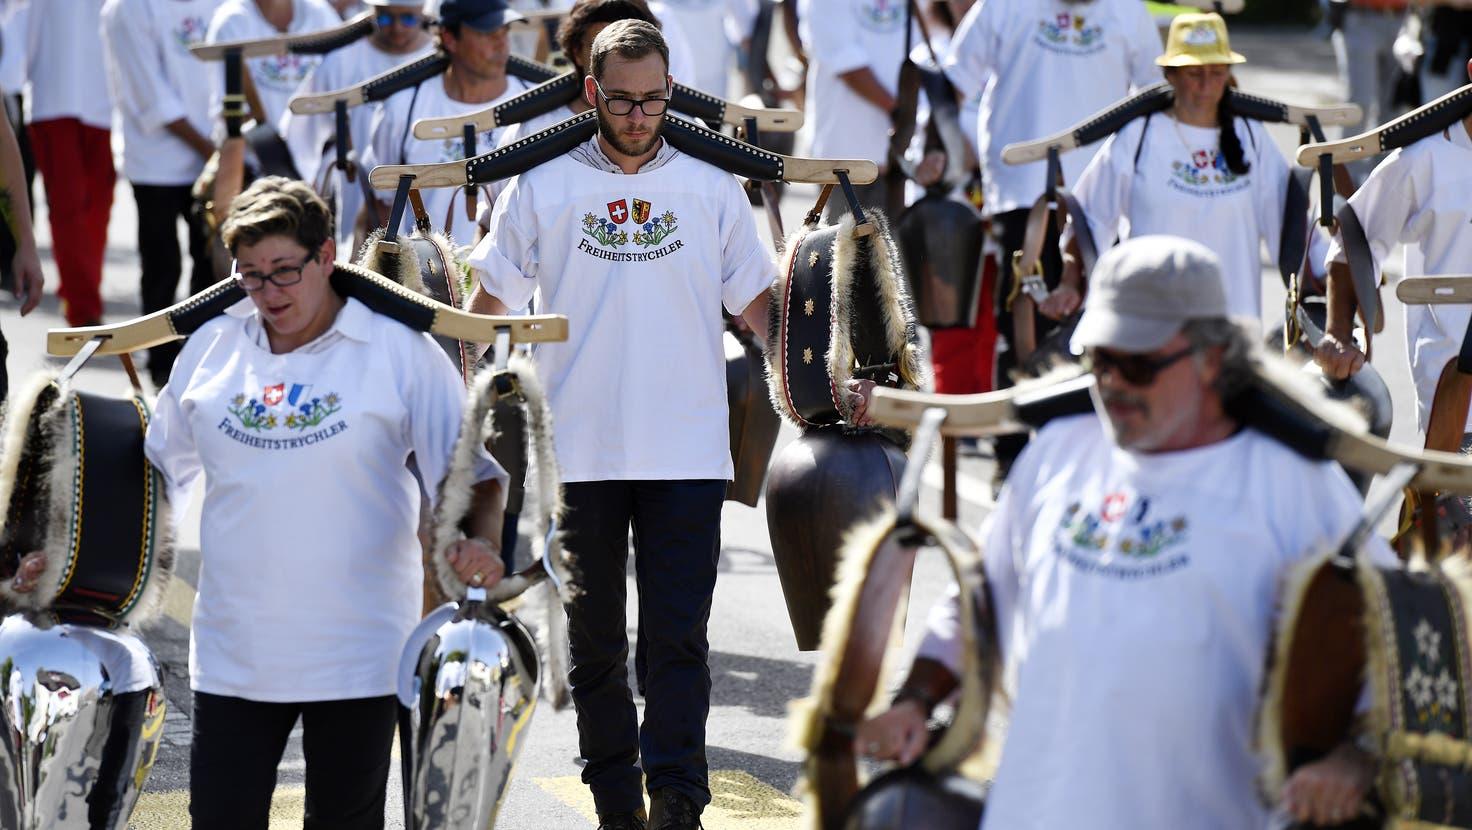 Sie schwingen ihre Glocken gegen die Coronamassnahmen: Die Freiheitstrychler bei einer Demonstration. (Keystone)